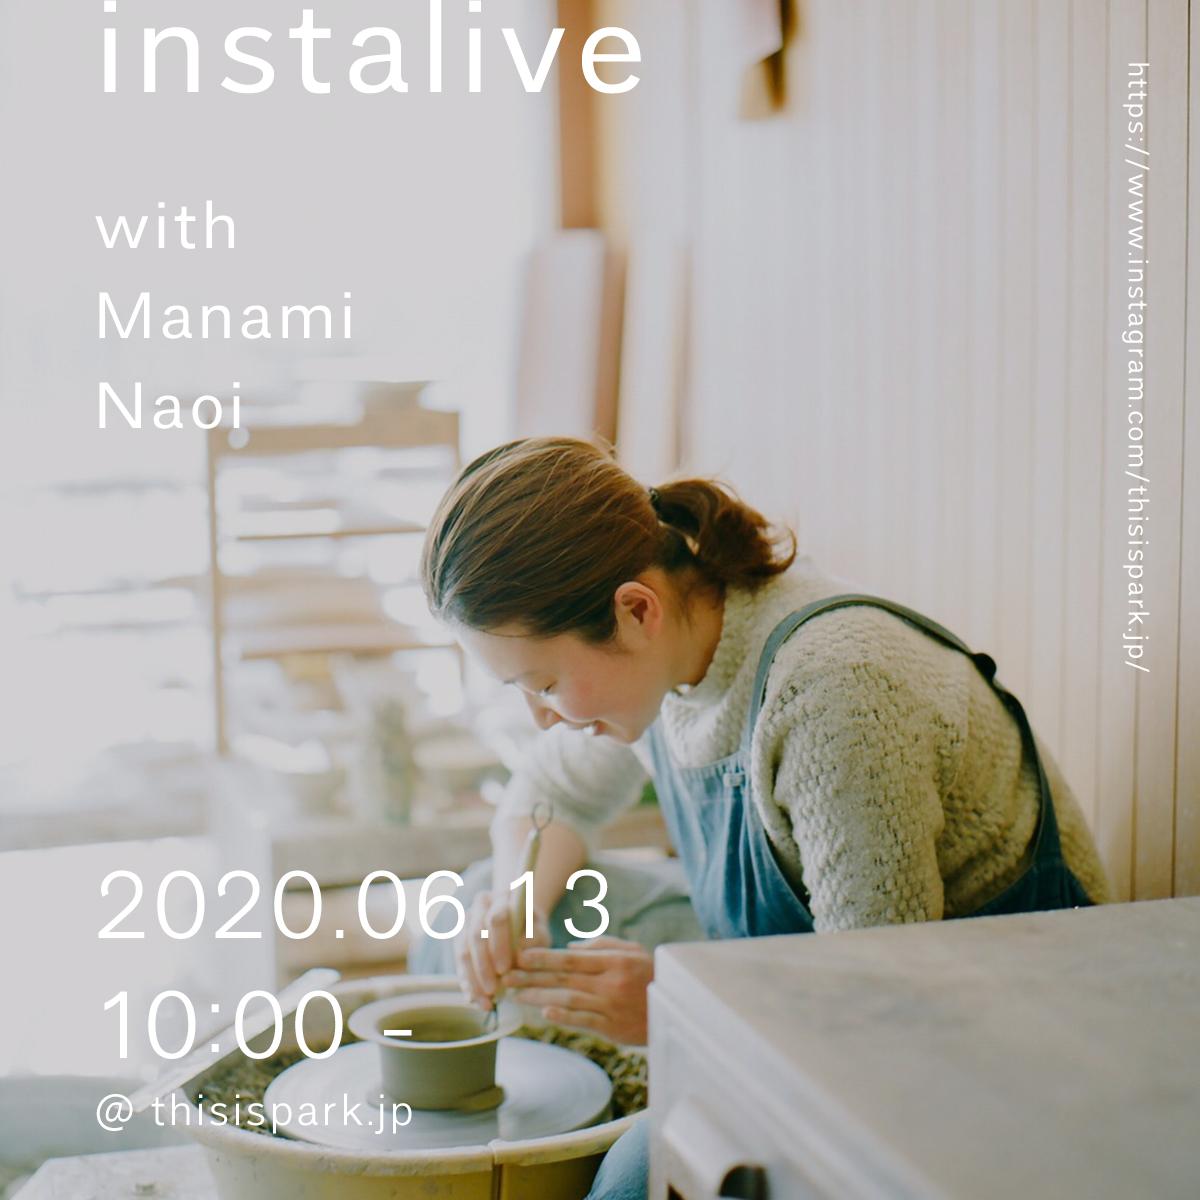 6/13(土)10:00 – 陶芸家 直井真奈美さんとインスタライブ配信をいたします。